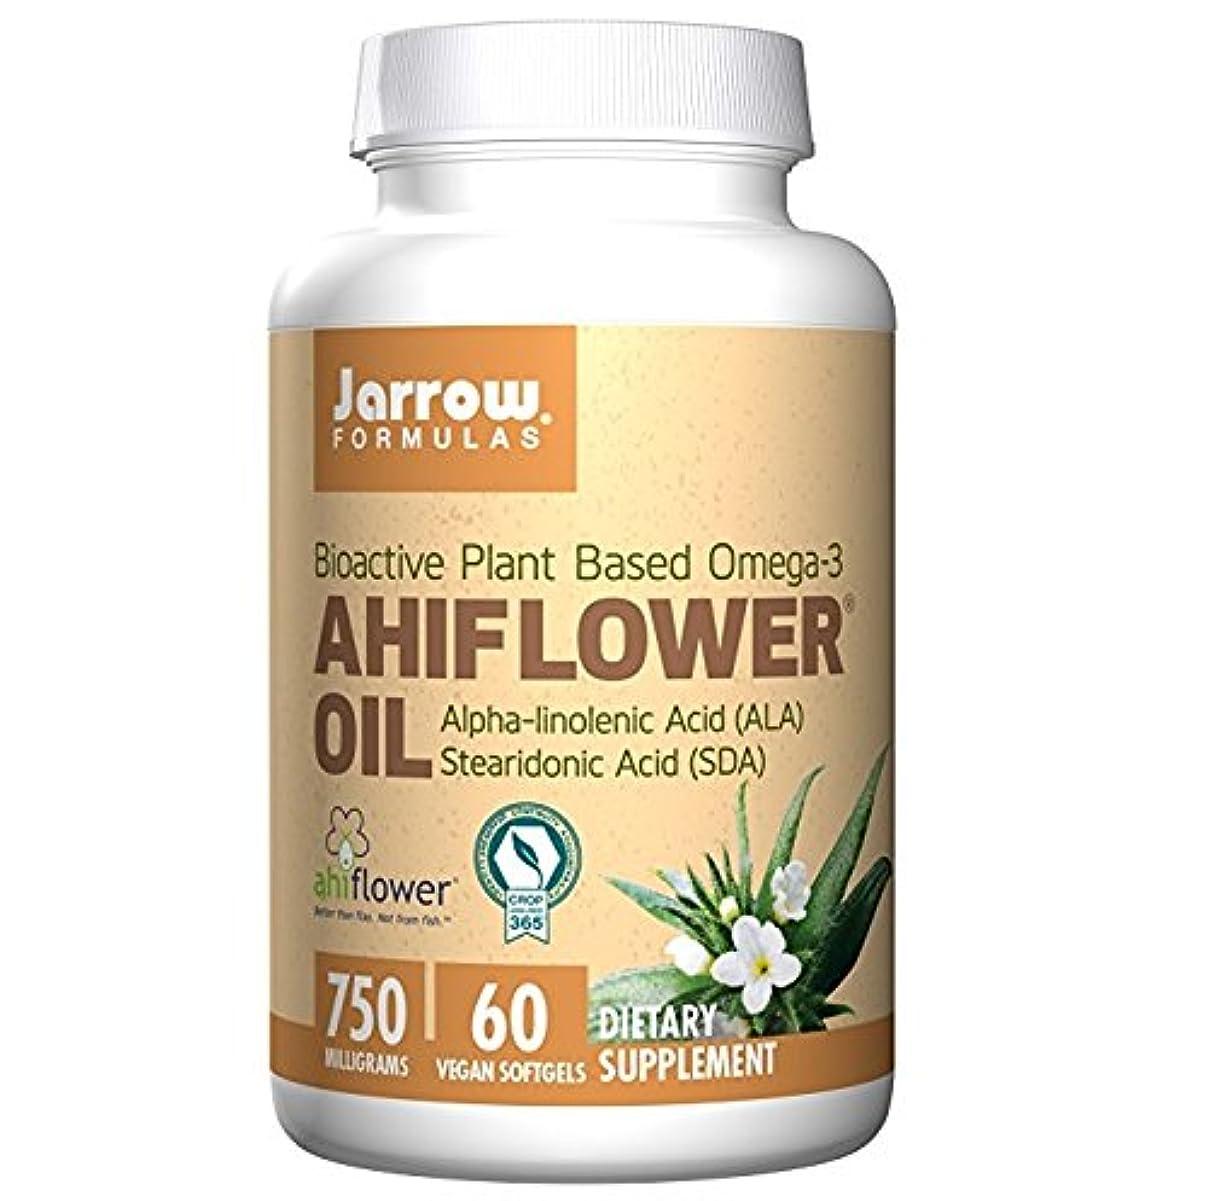 専らシンポジウム申し立てられた【海外直送品】Jarrow Formulas - Ahiflower Oil - 60ソフトジェル アヒフラワー